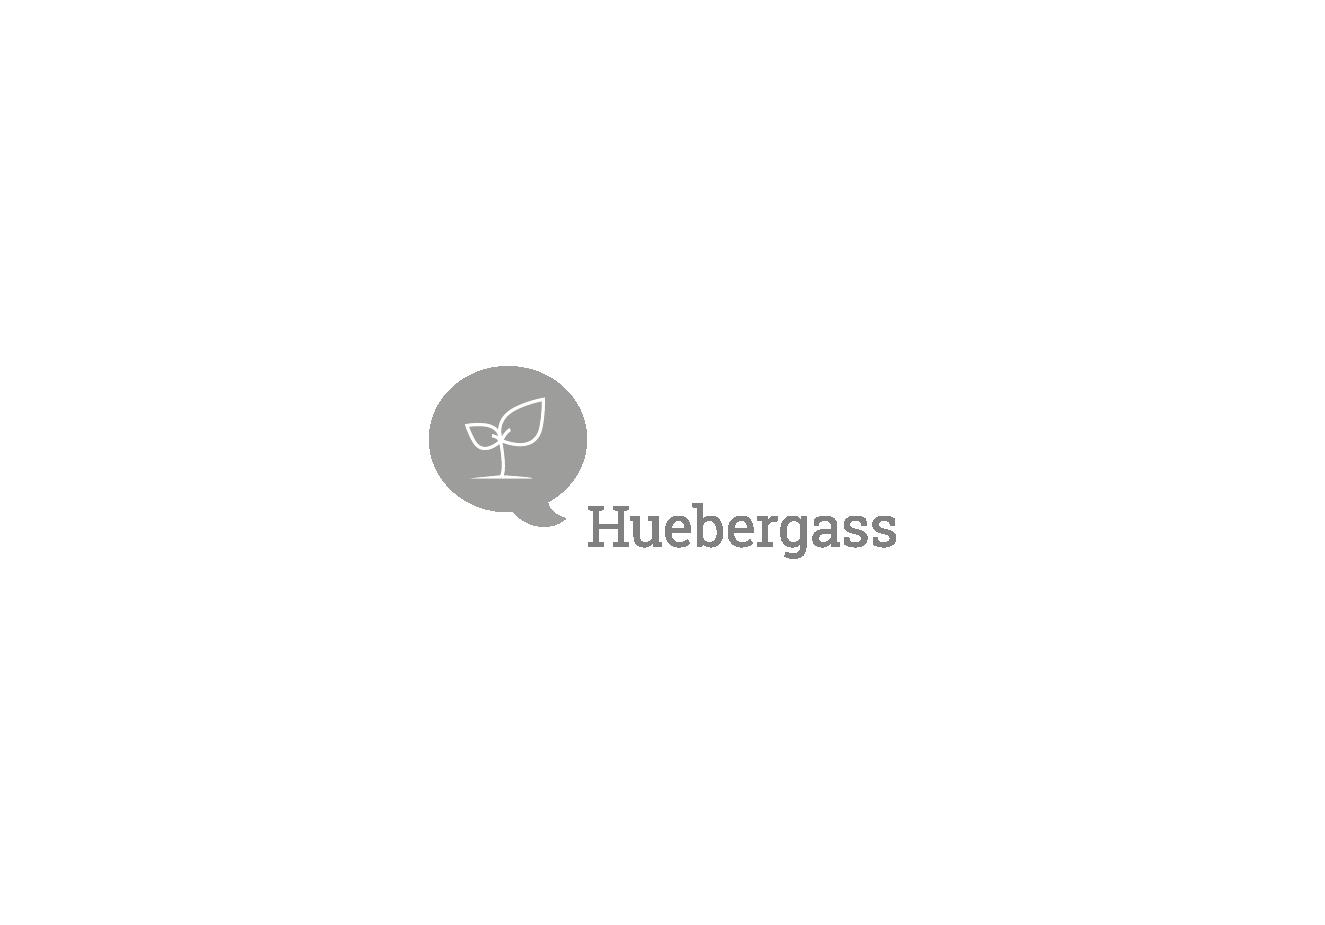 huebergass-sw